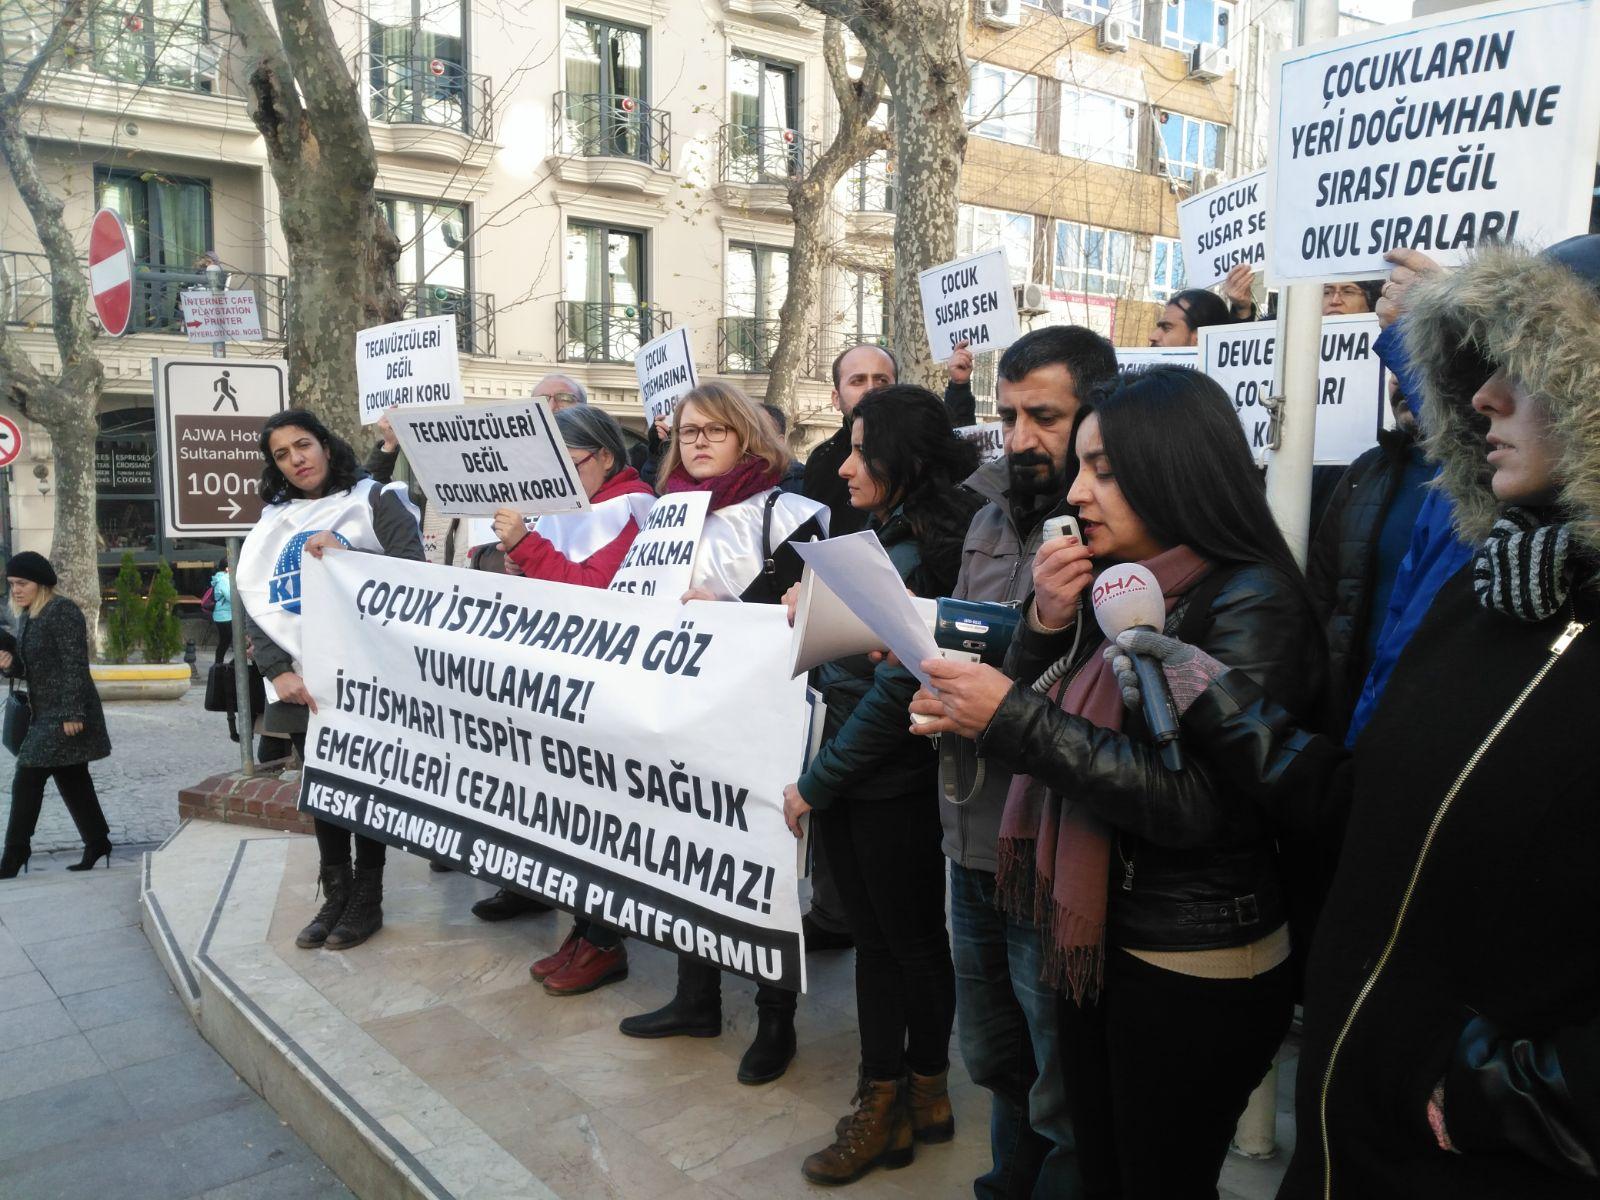 KESK İstanbul Şubeler Platformu: Çocuk İstismarına Göz Yumulamaz, İstismarı Tespit Eden Sağlık Emekçileri Cezalandırılamaz!